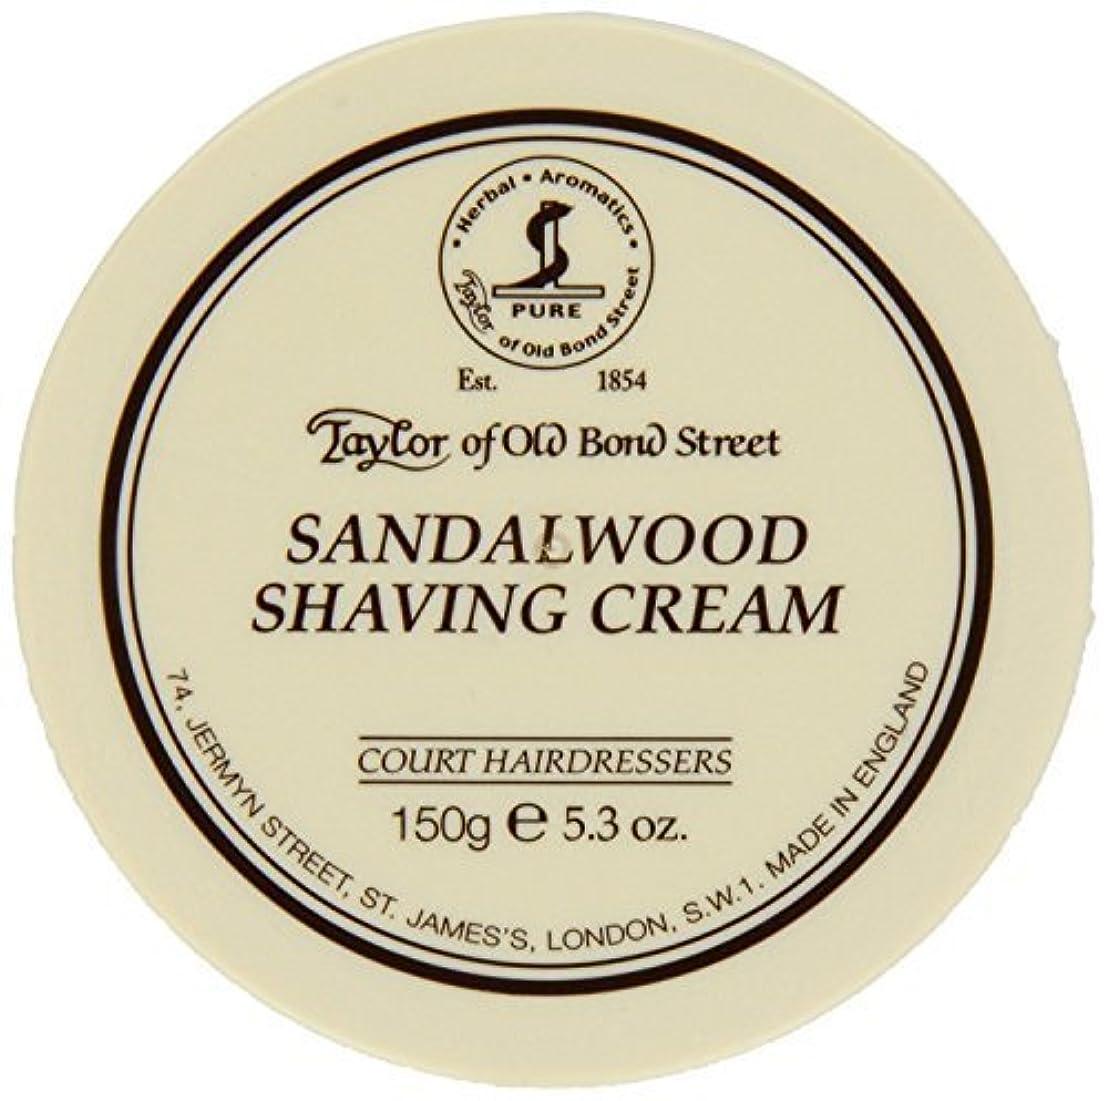 エンディング日の出精神医学Taylor of Old Bond Street SHAVING CREAM for SANDALWOOD 150g x 2 Bowls by Taylor of Old Bond Street [並行輸入品]